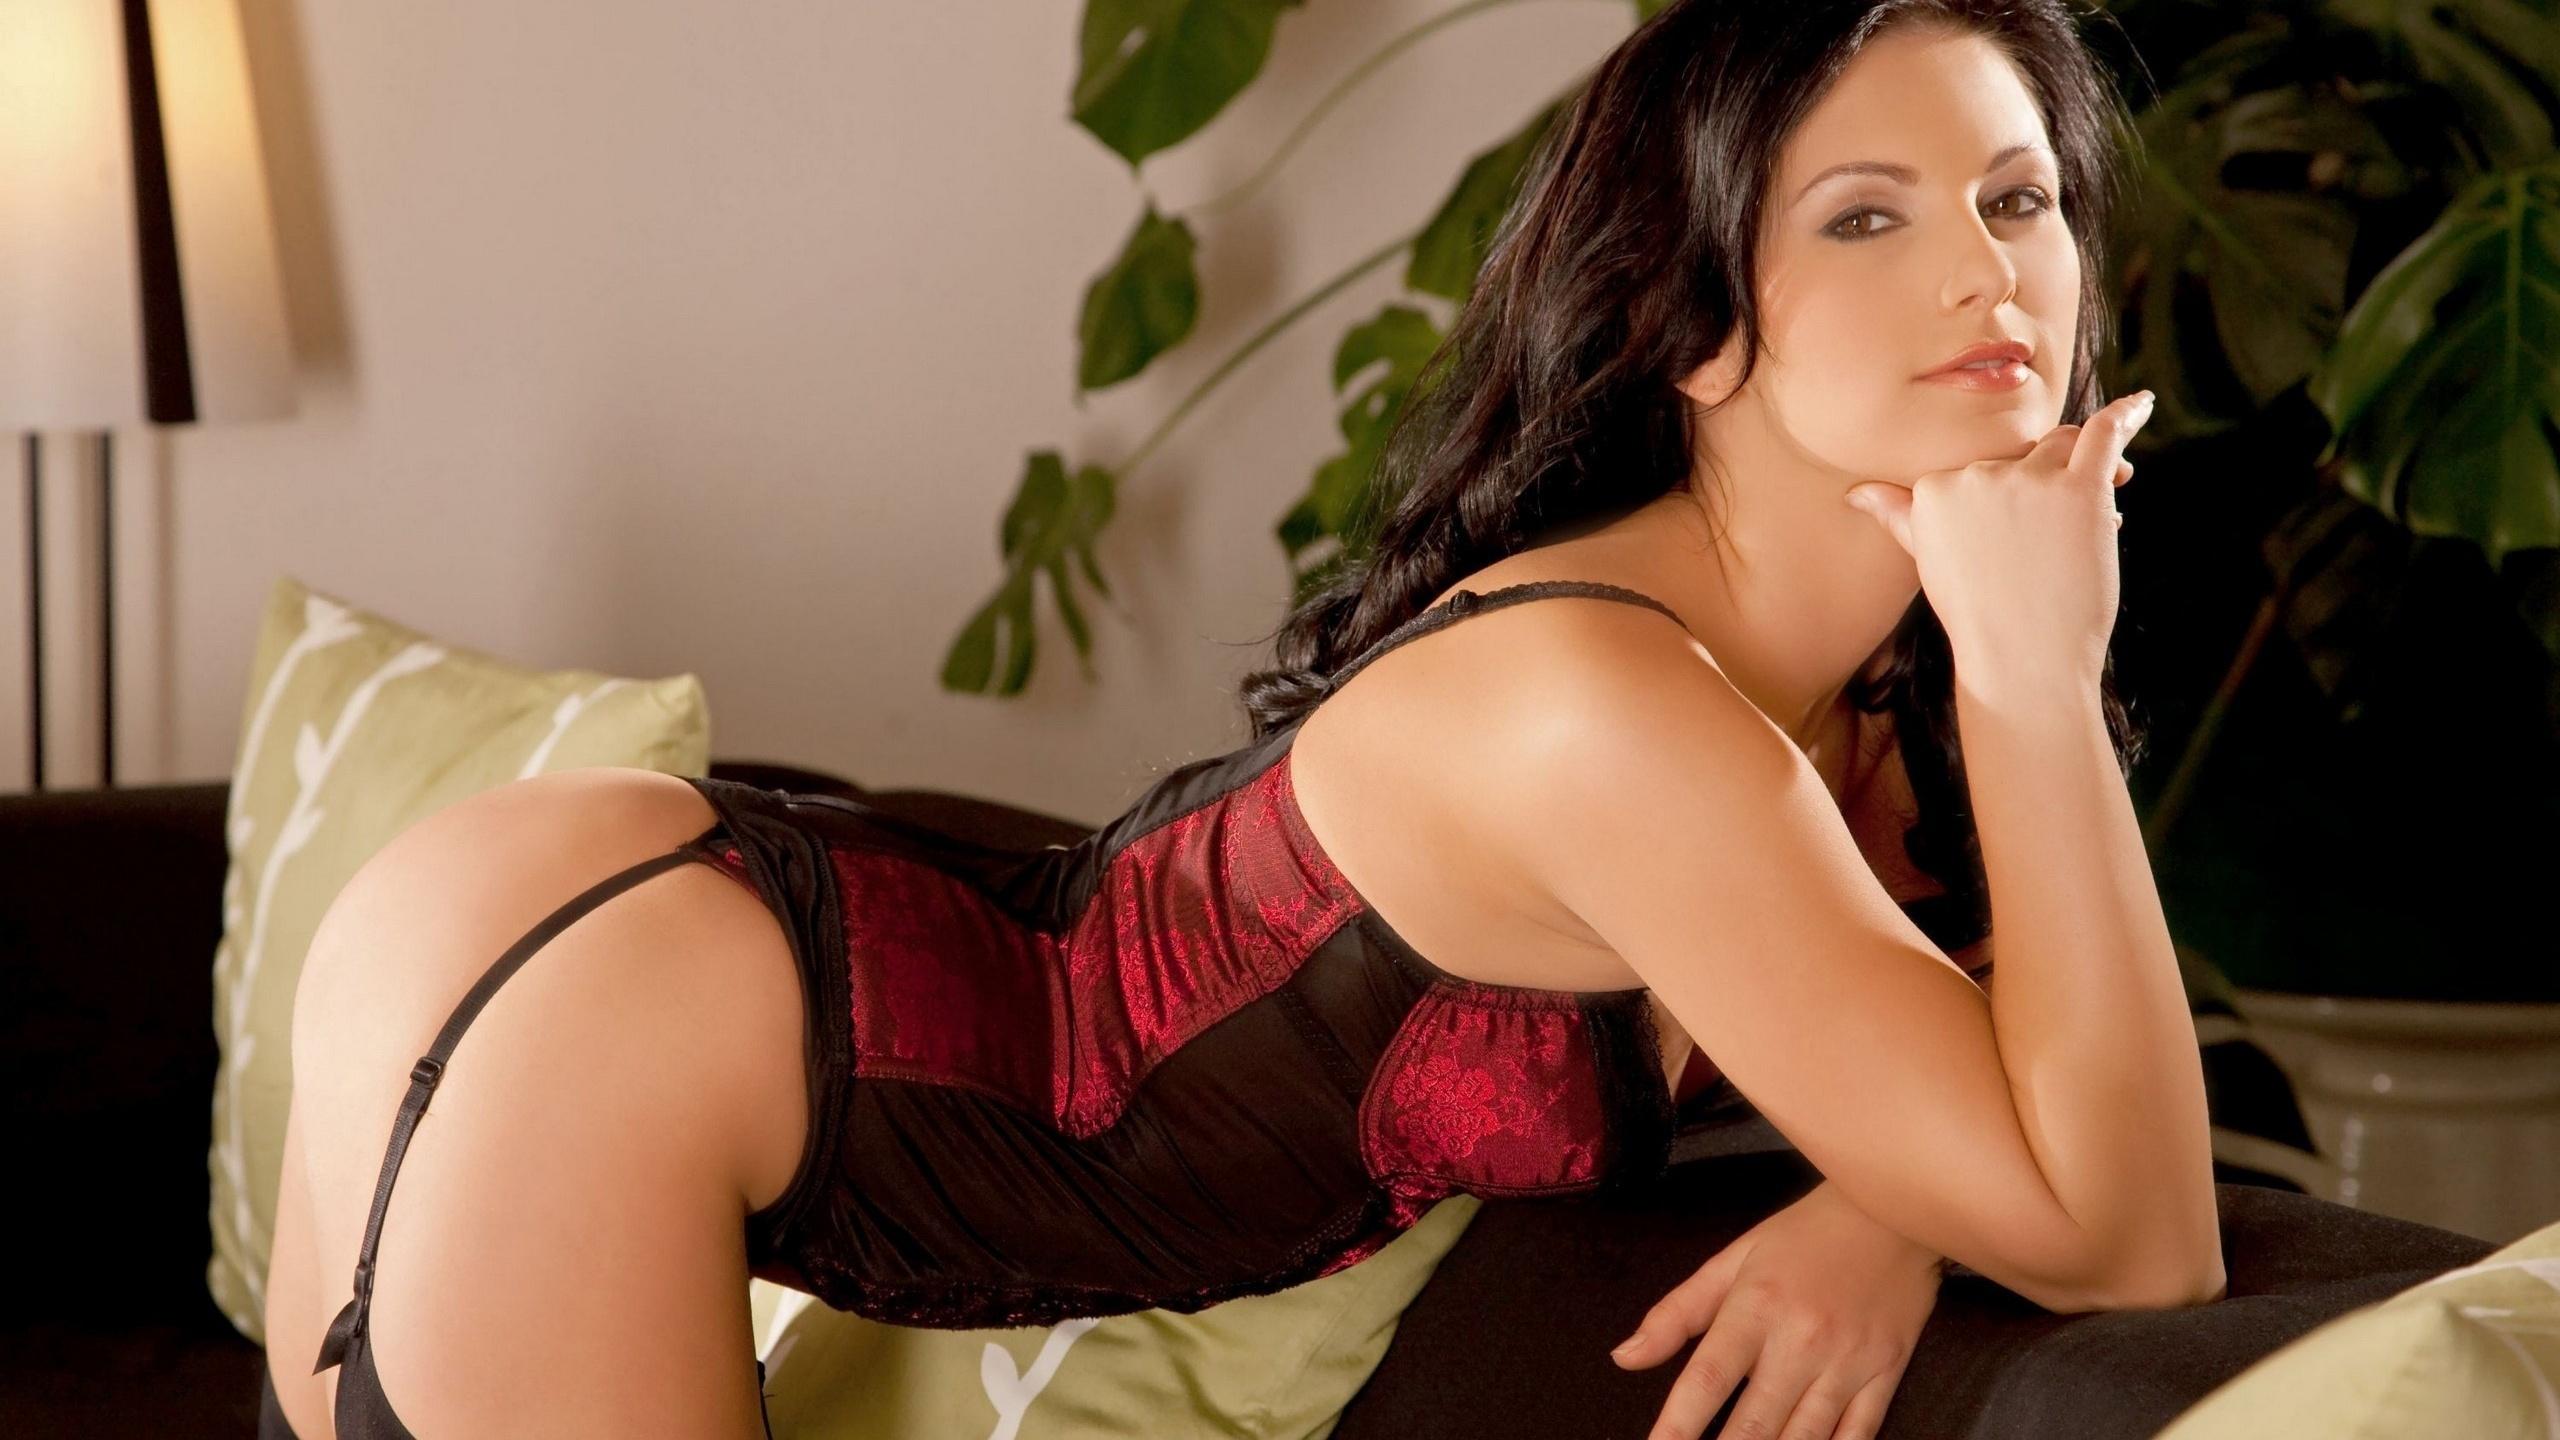 Девушка гот замотанная в целлофан порно фото бесплатно